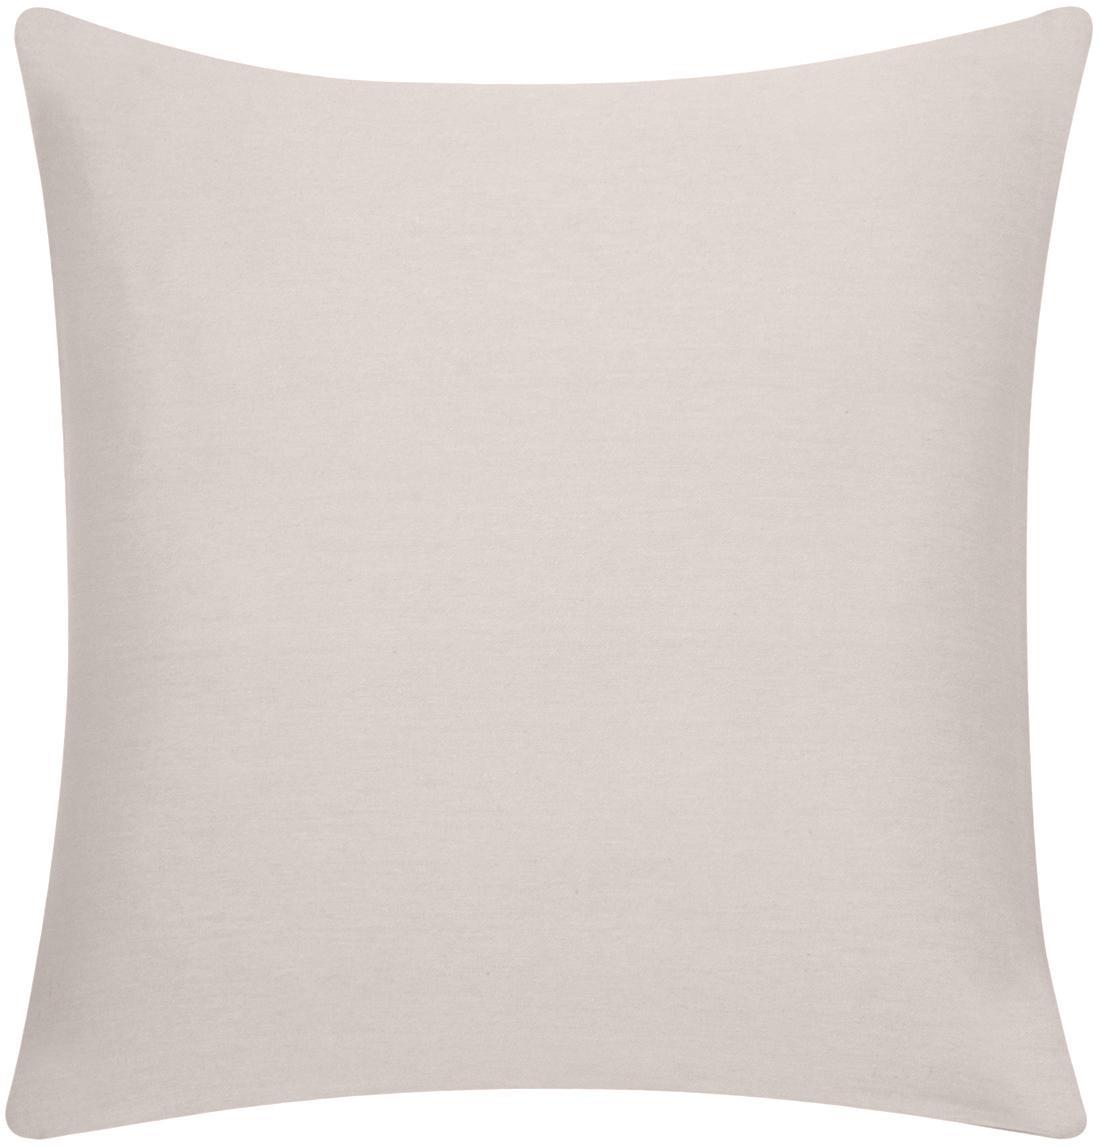 Federa arredo in cotone beige Mads, 100% cotone, Beige, Larg. 40 x Lung. 40 cm